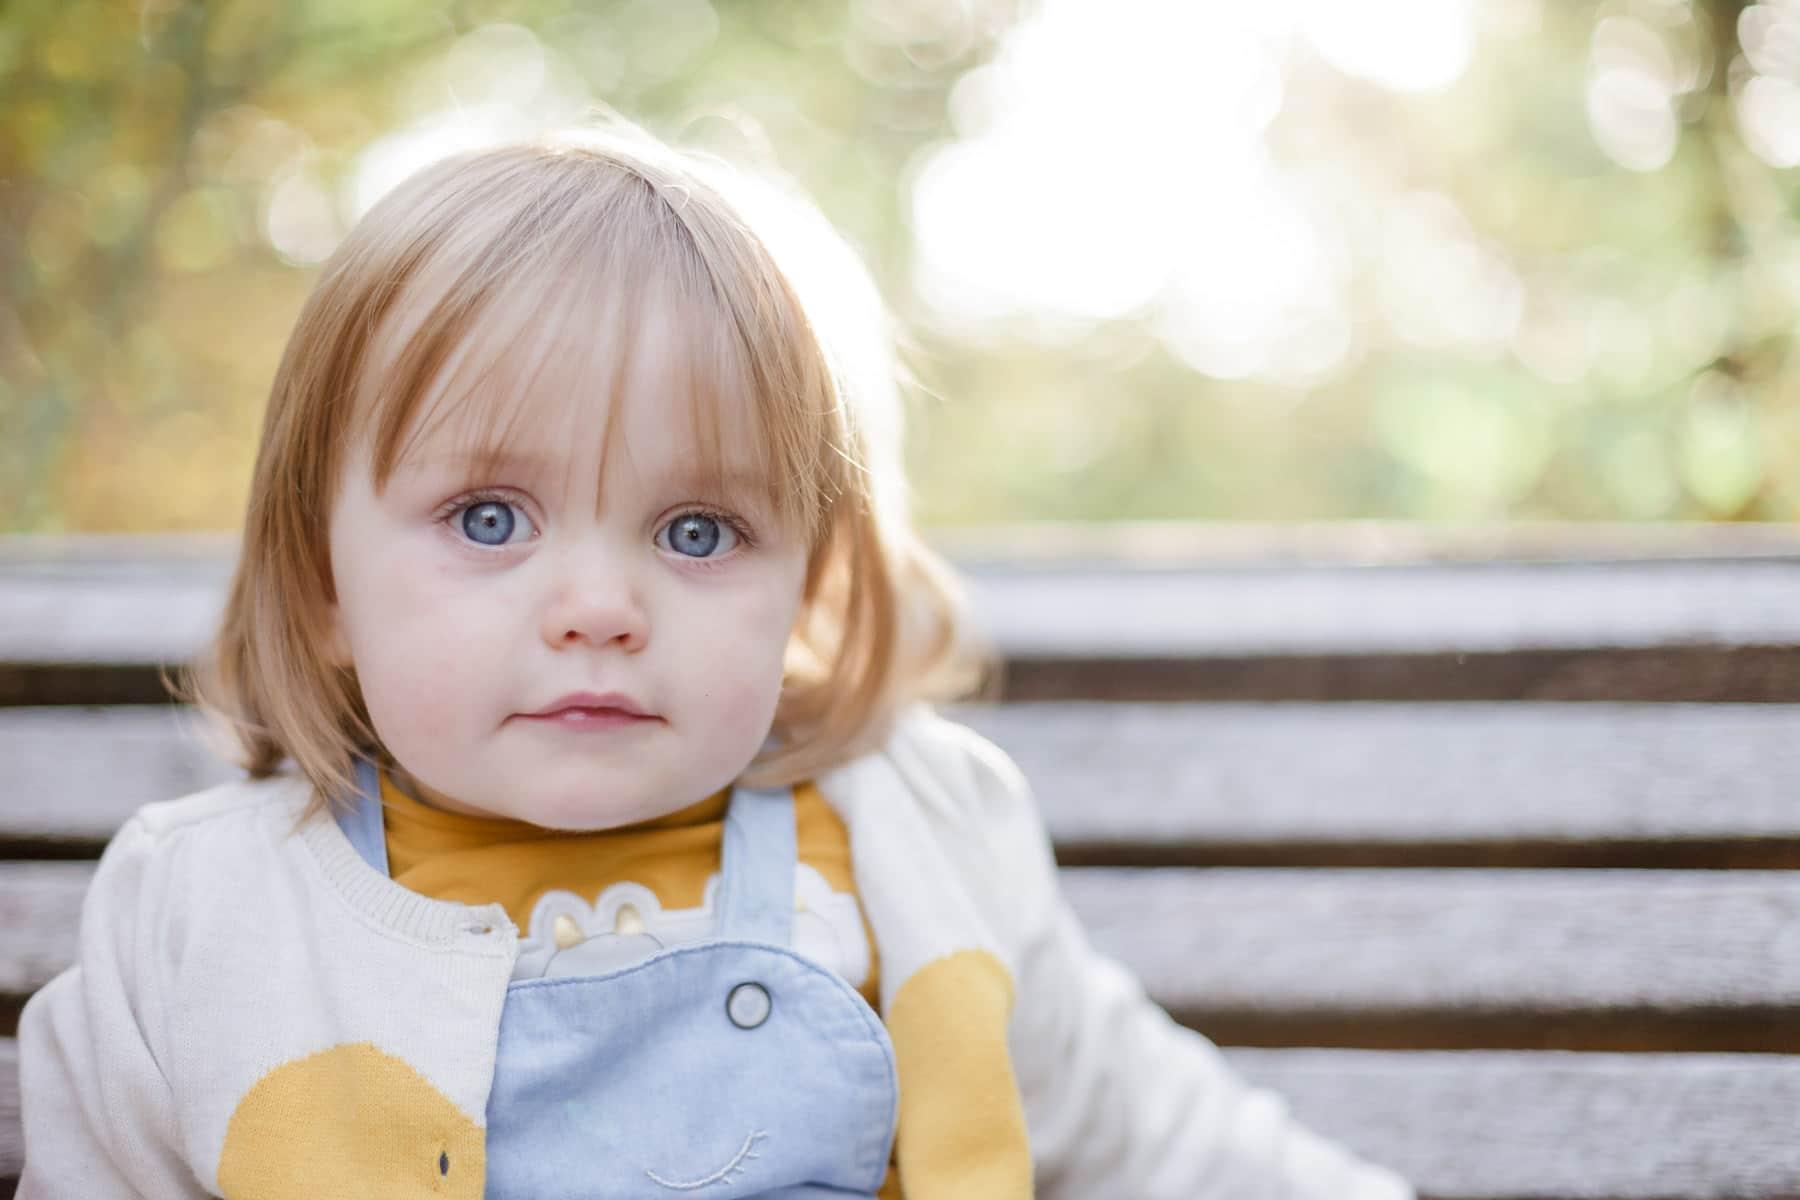 photographe famille enfants bebe bordeaux parc lifestyle fineart francais sarah miramon alexie alicia adrian 01